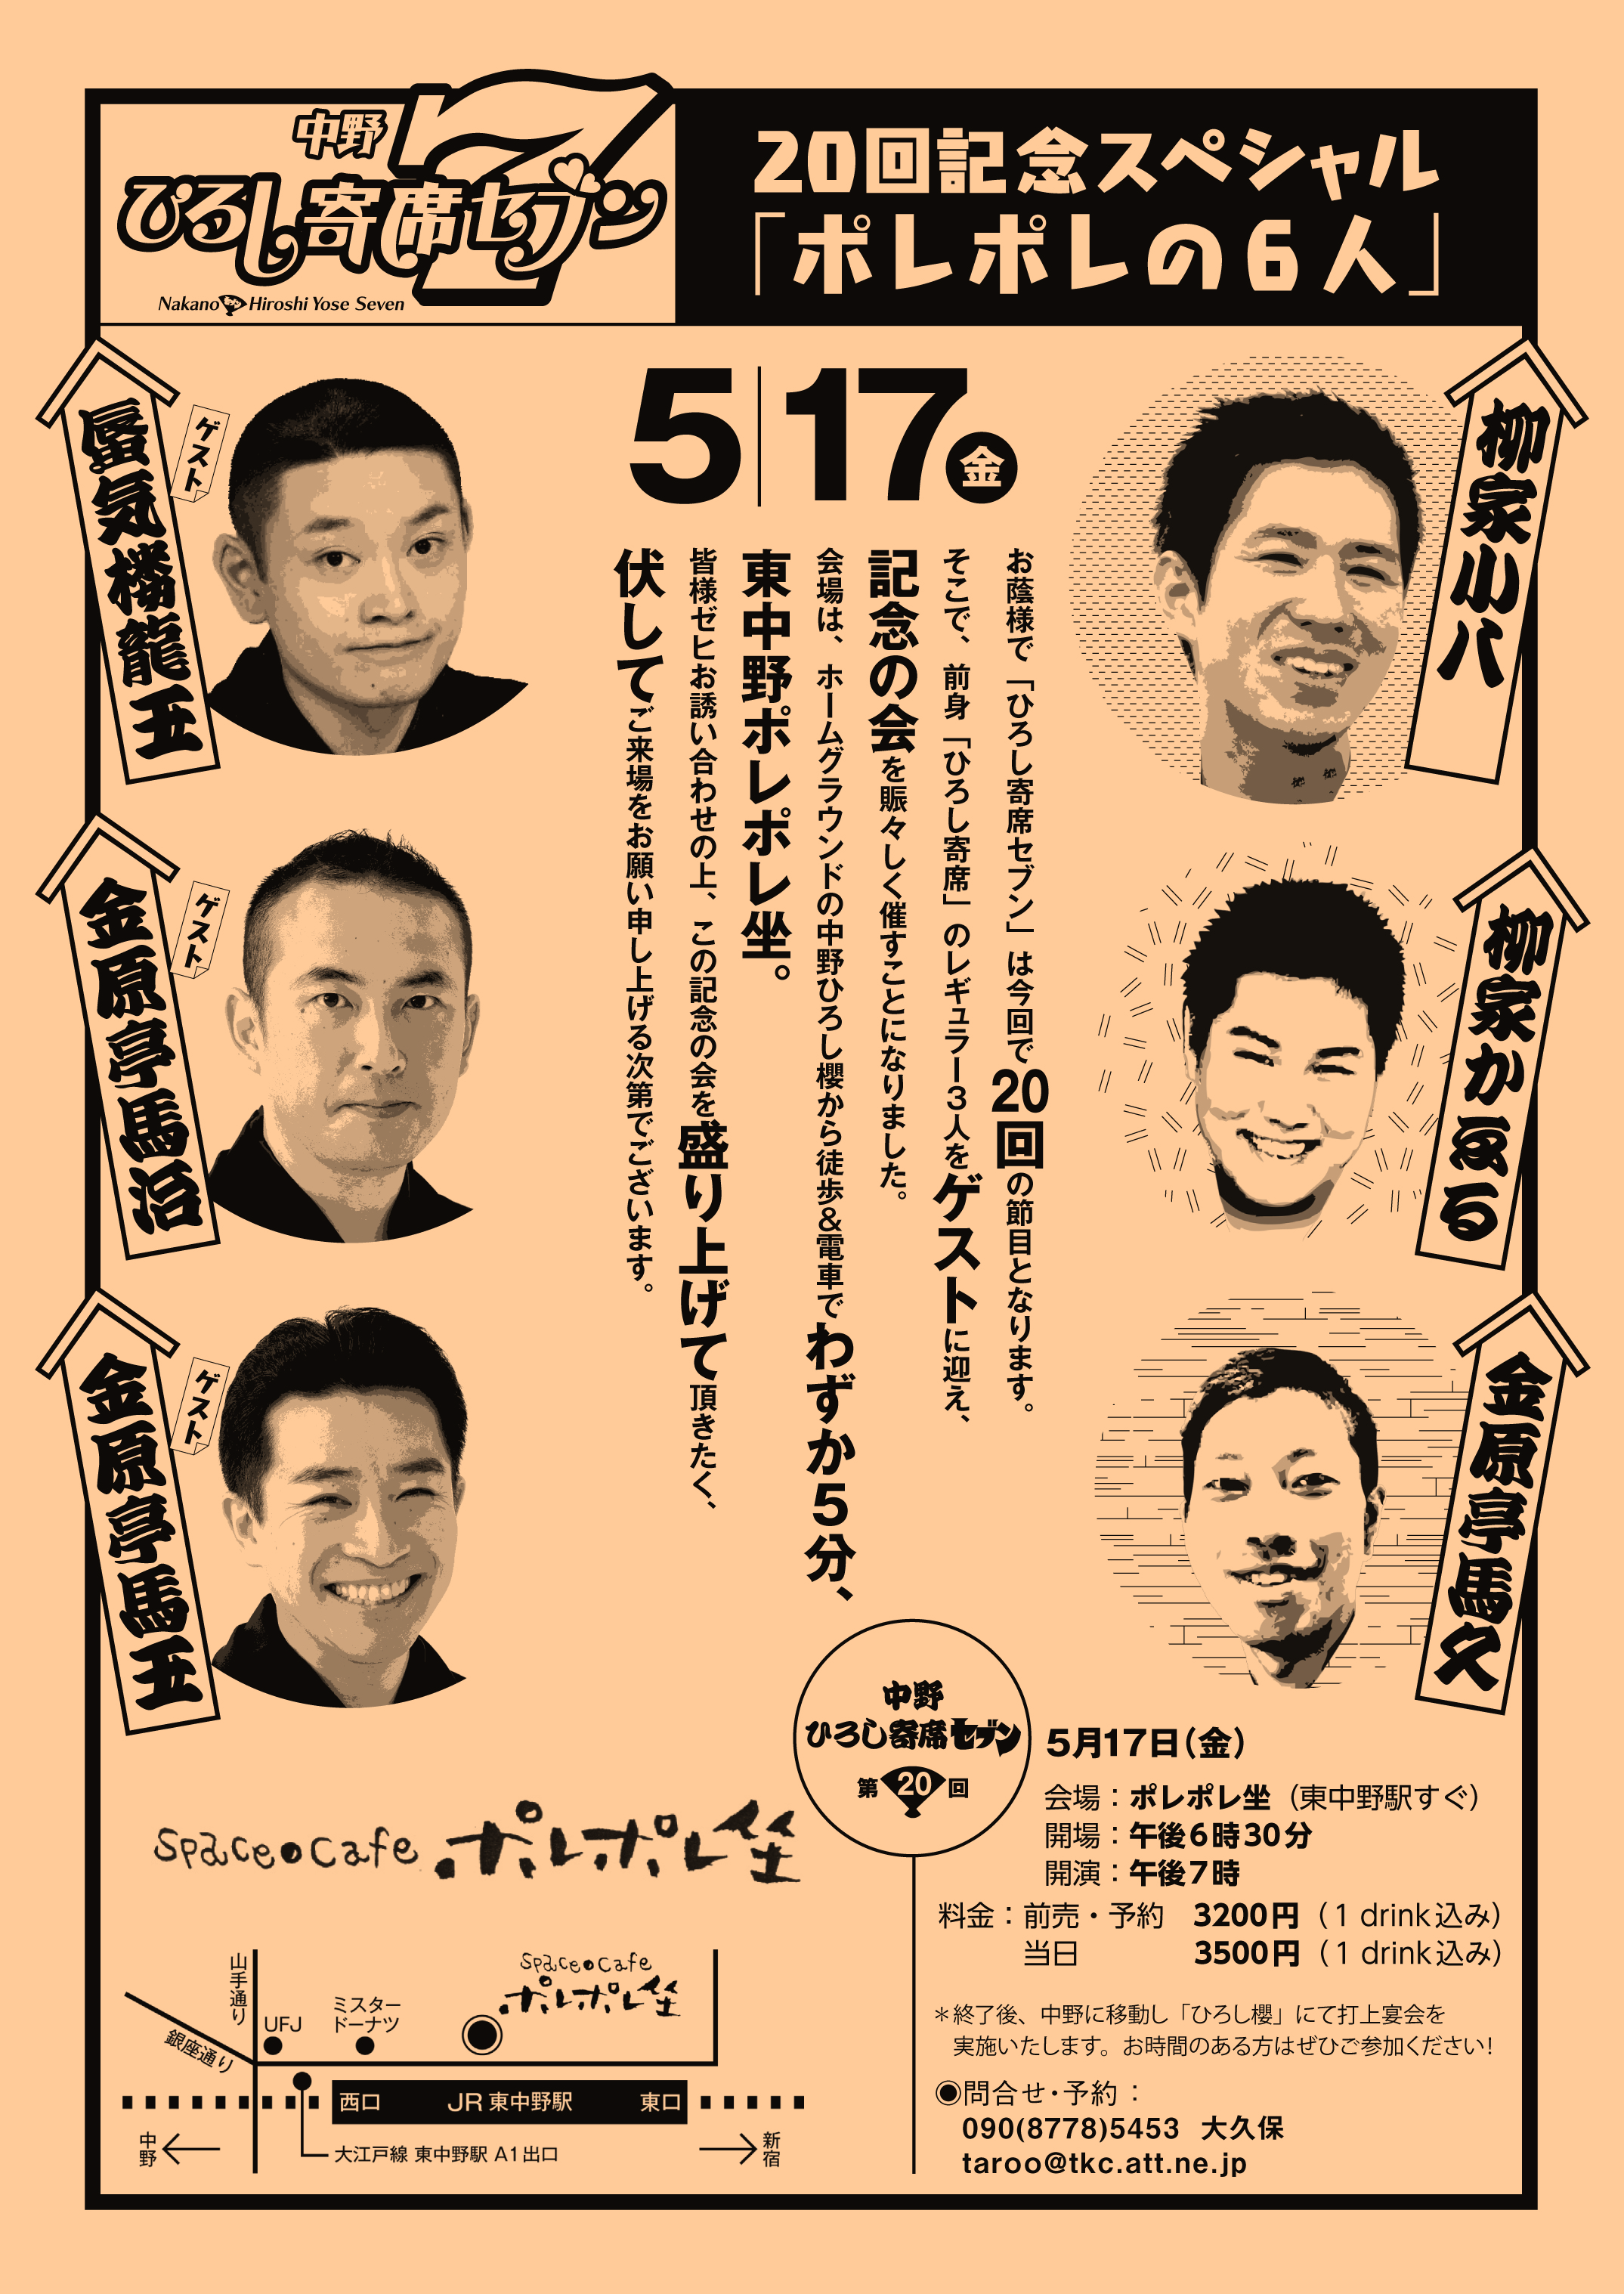 2Z_hiroshi7_20_porepore